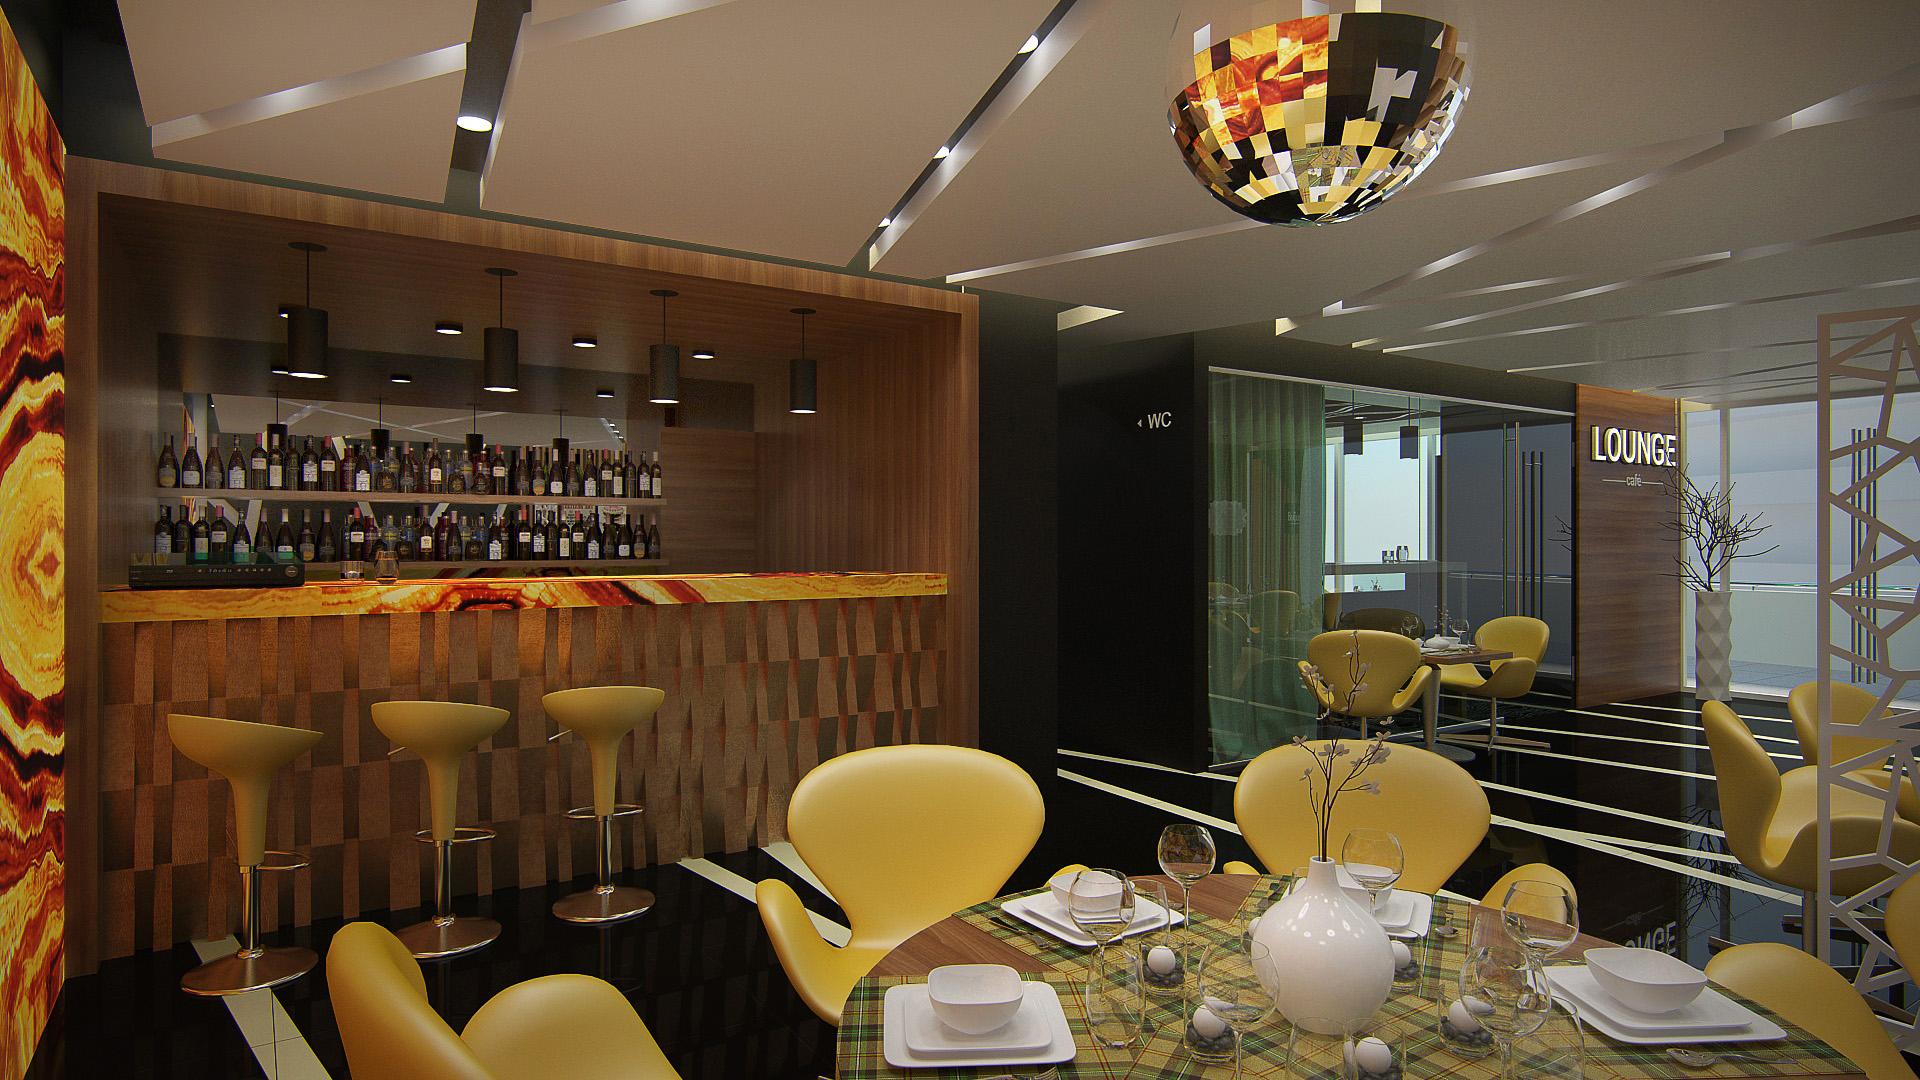 loungecafe (3)